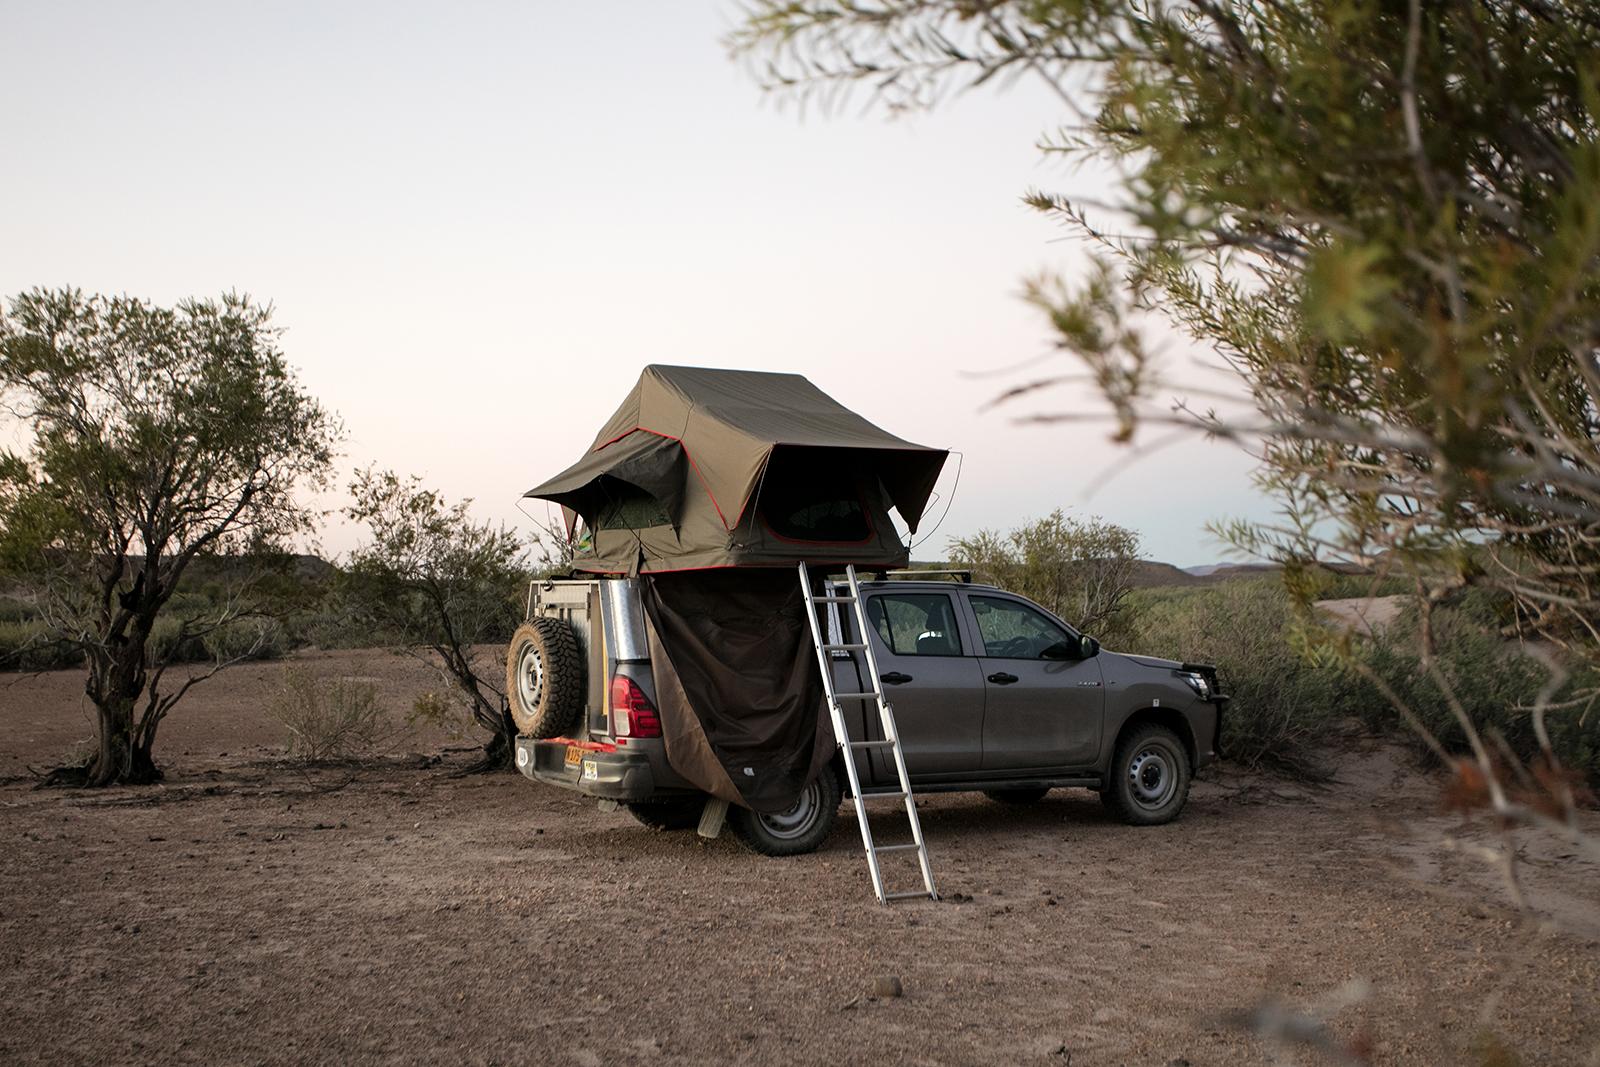 quelle agence pour louer un 4x4 avec tente de toit en Namibie